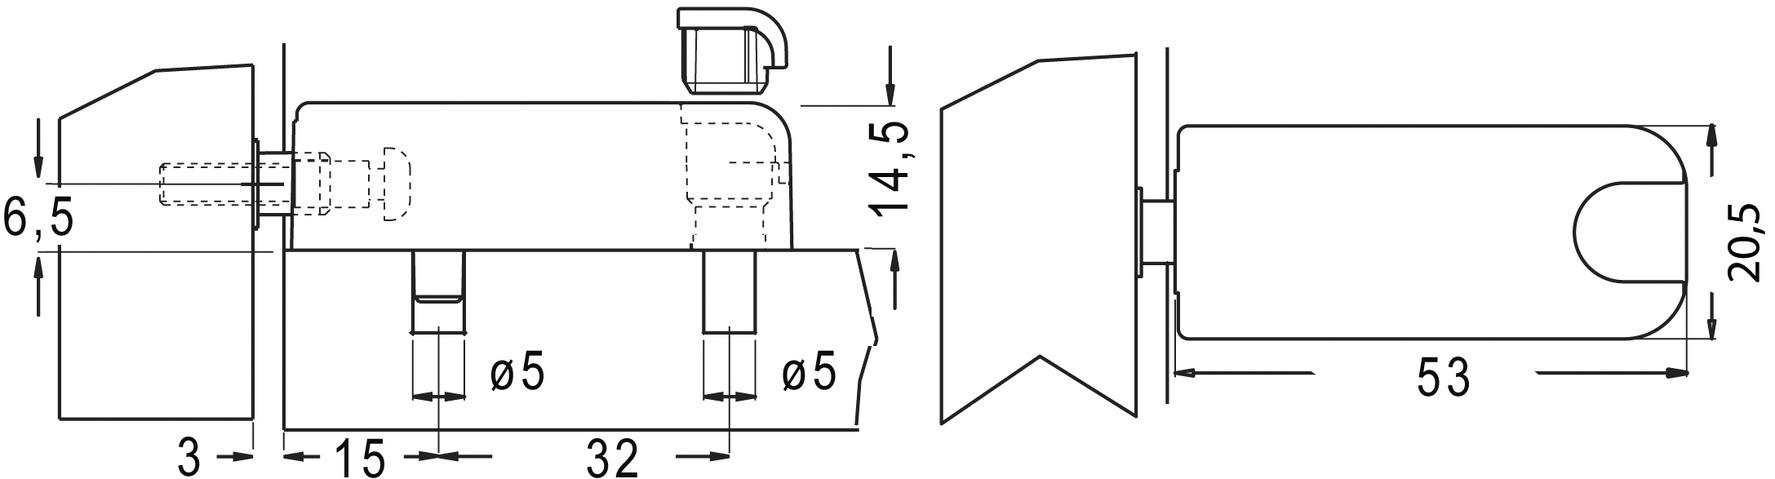 Automatische Druck-Schnäpper Click für grifflose Möbeltüren